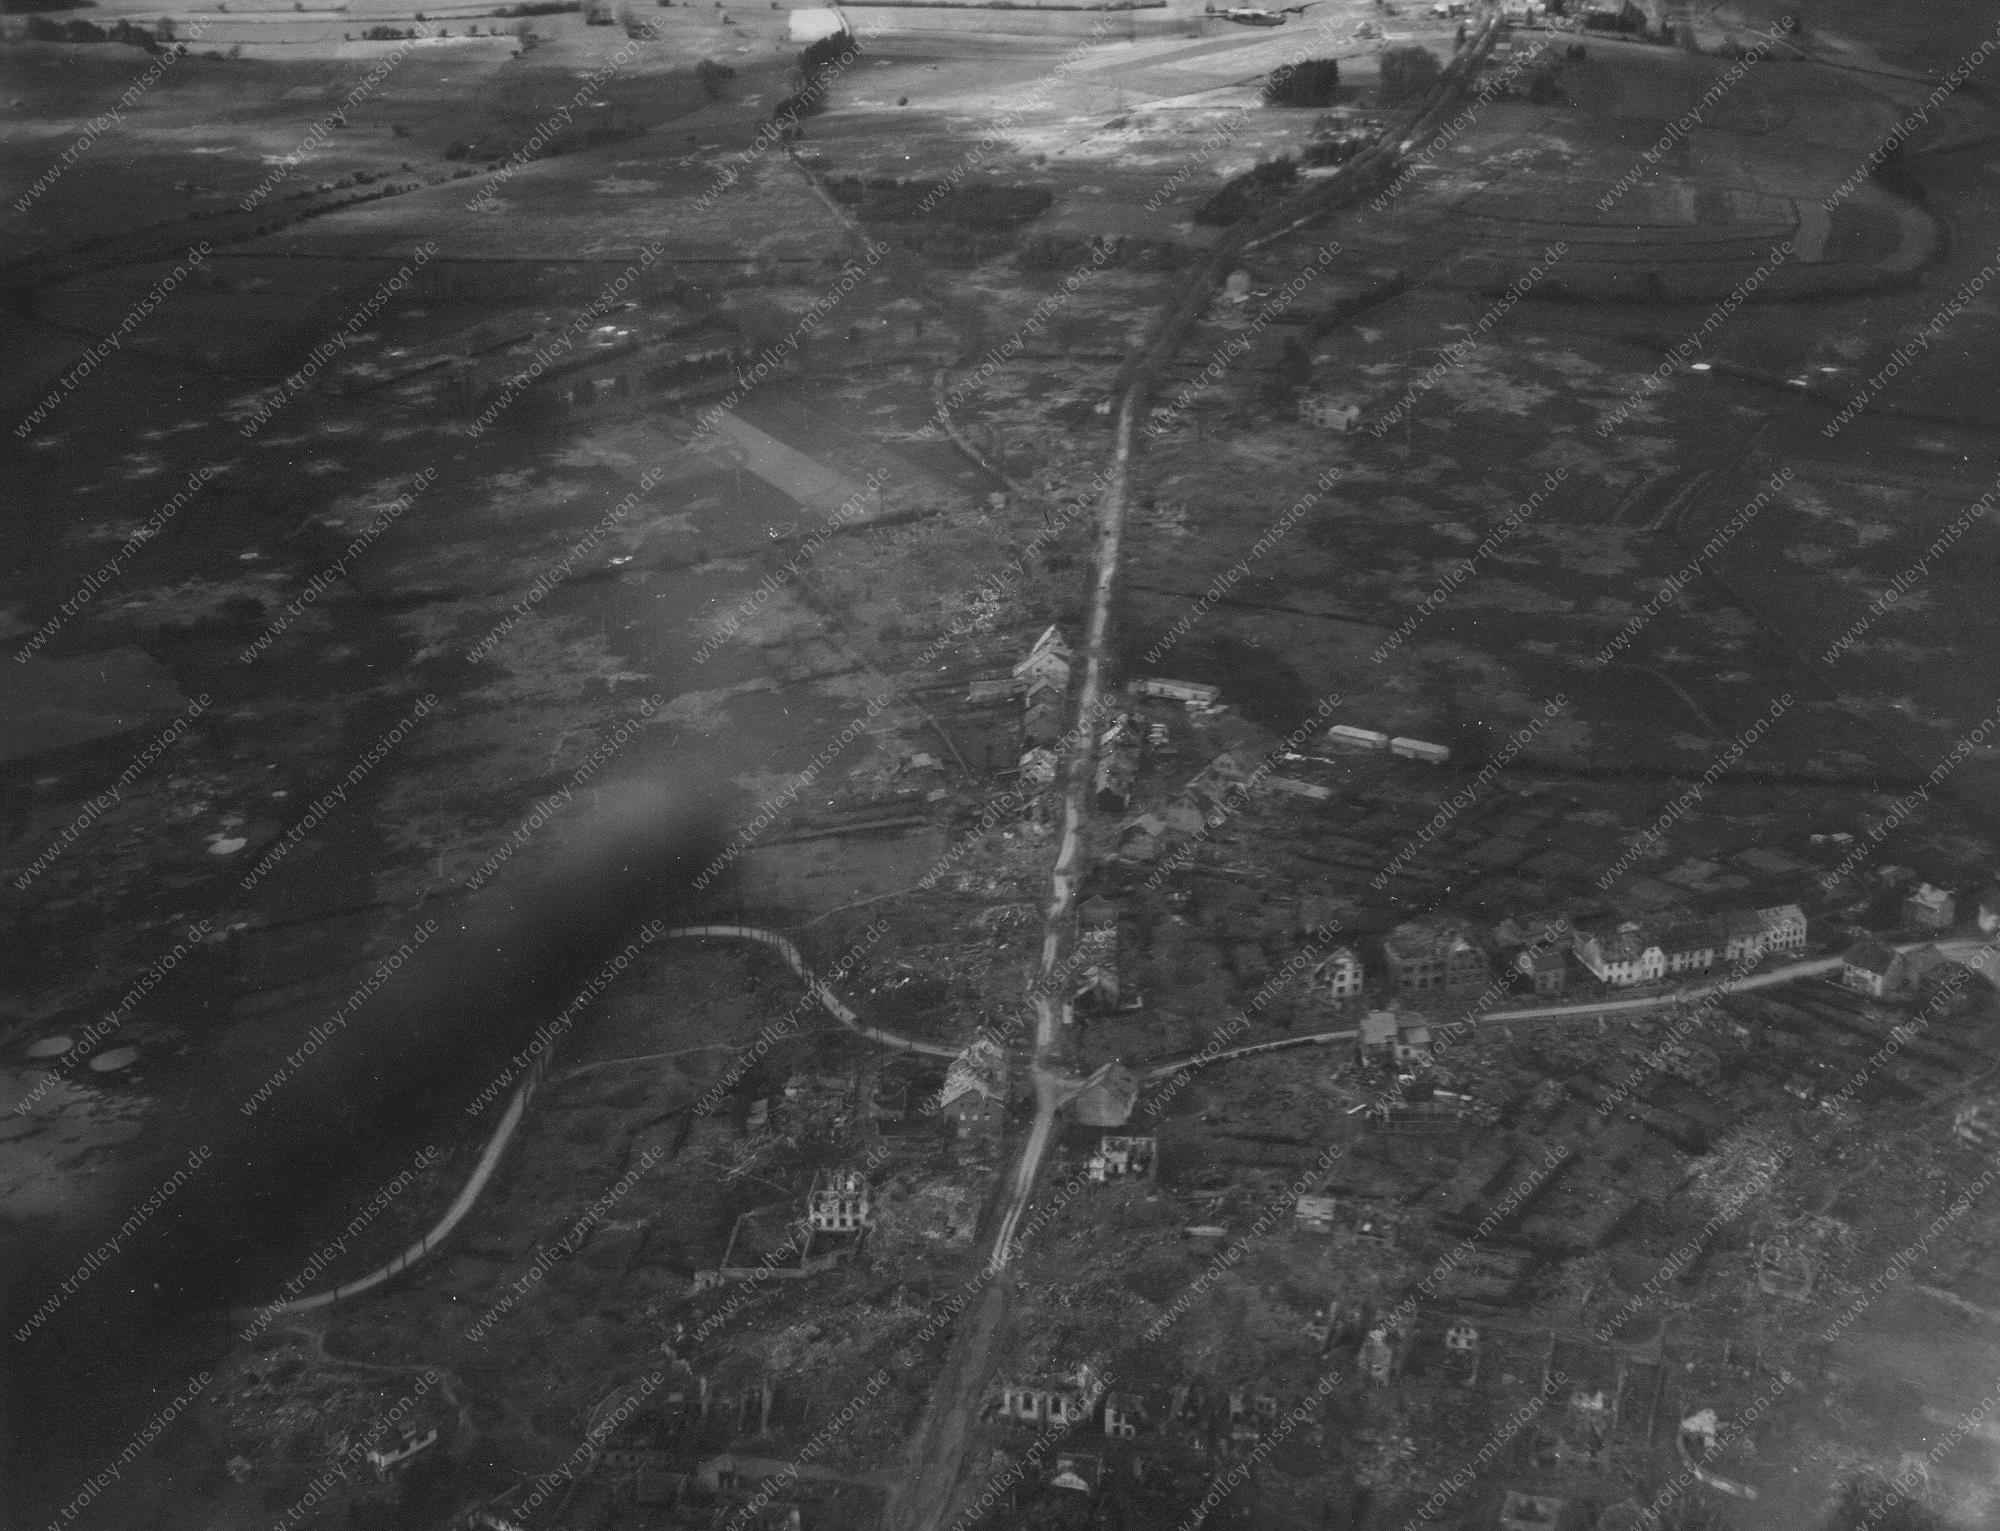 Sankt Vith oder St. Vieth - Luftbild aus dem Mai 1945 im Zweiten Weltkrieg (Belgien)